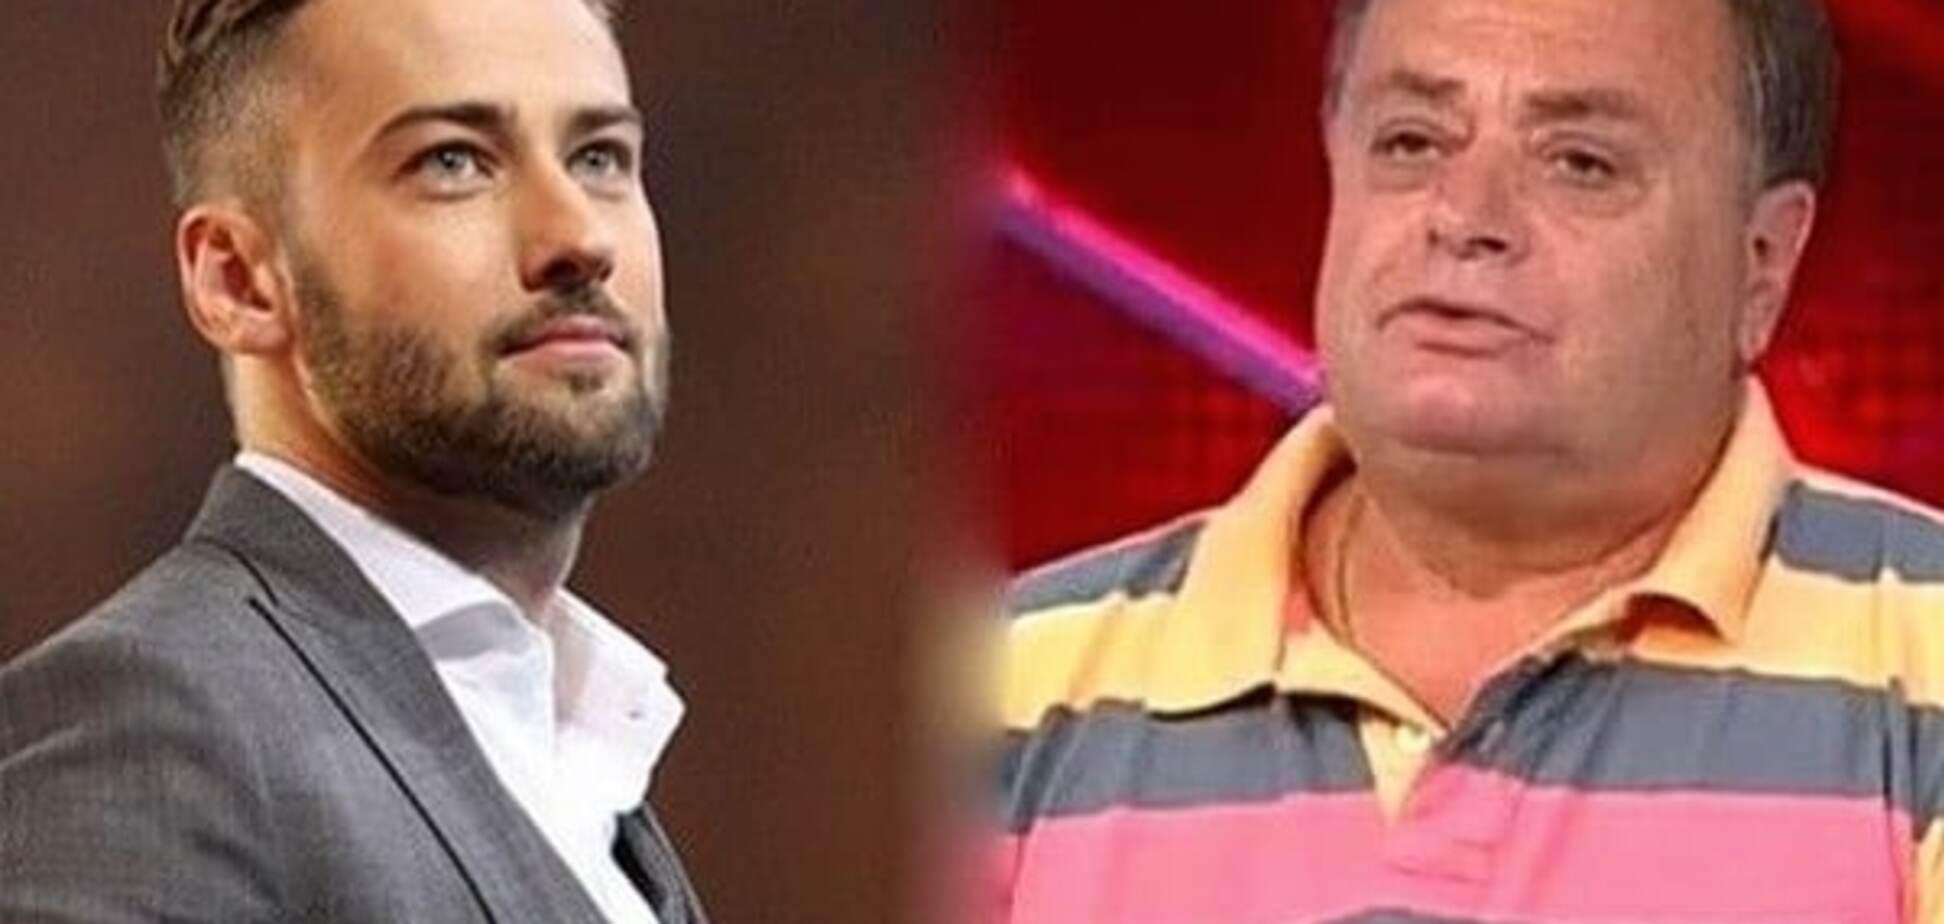 Подруга Пугачевой высказалась о скандале между отцом Фриске и Шепелевым